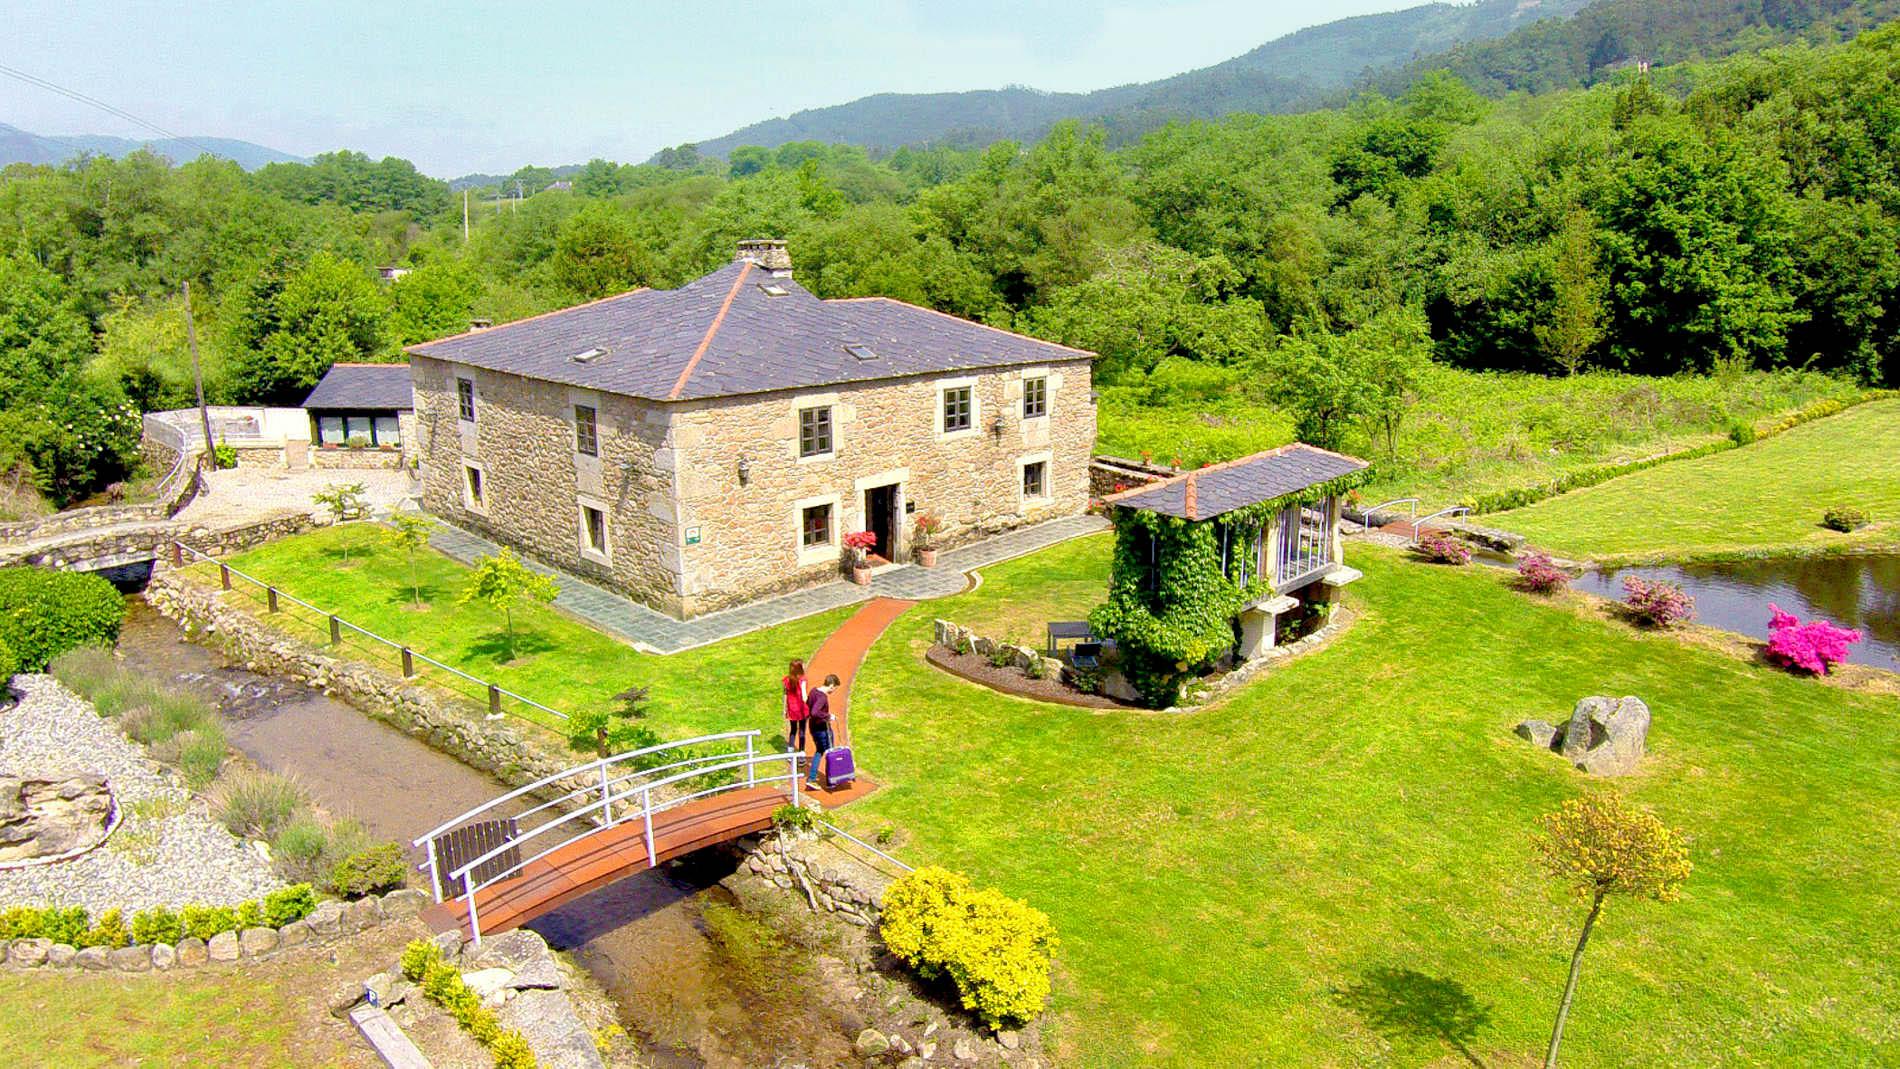 <strong>Casas Rurales en Galicia - Rias Baixas</strong>